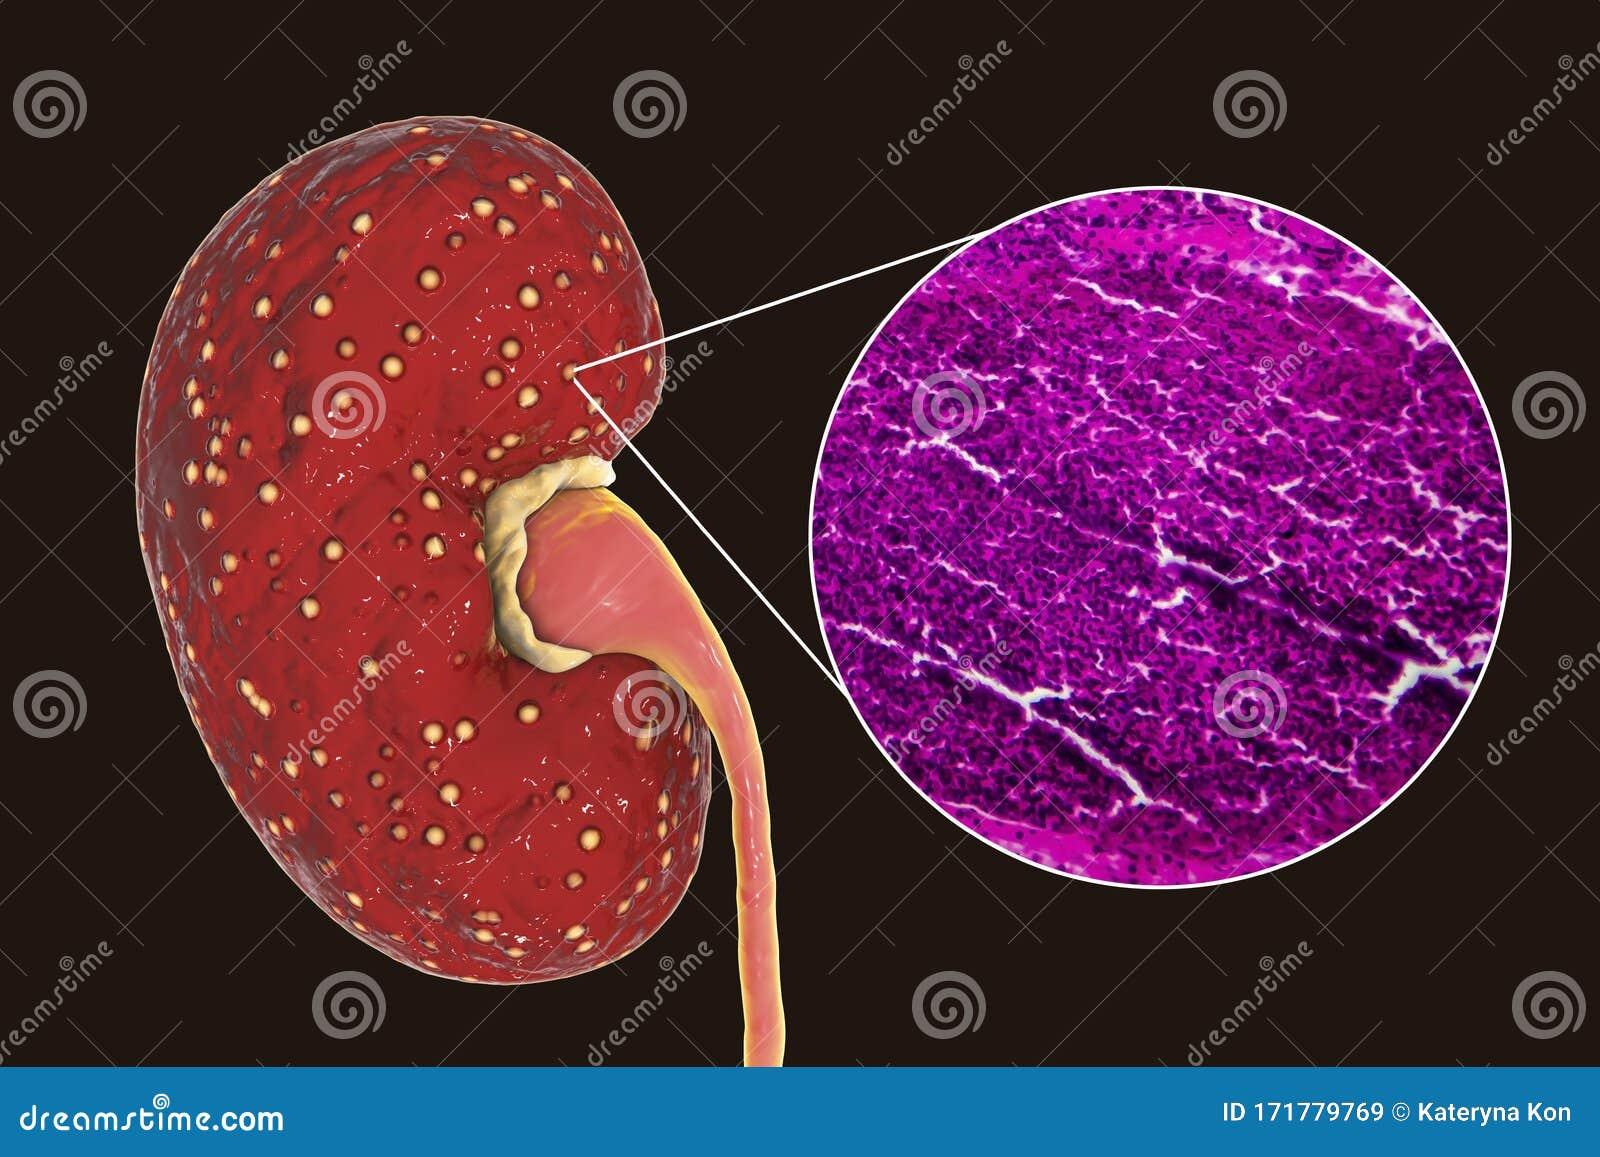 腎炎 急性 腎盂